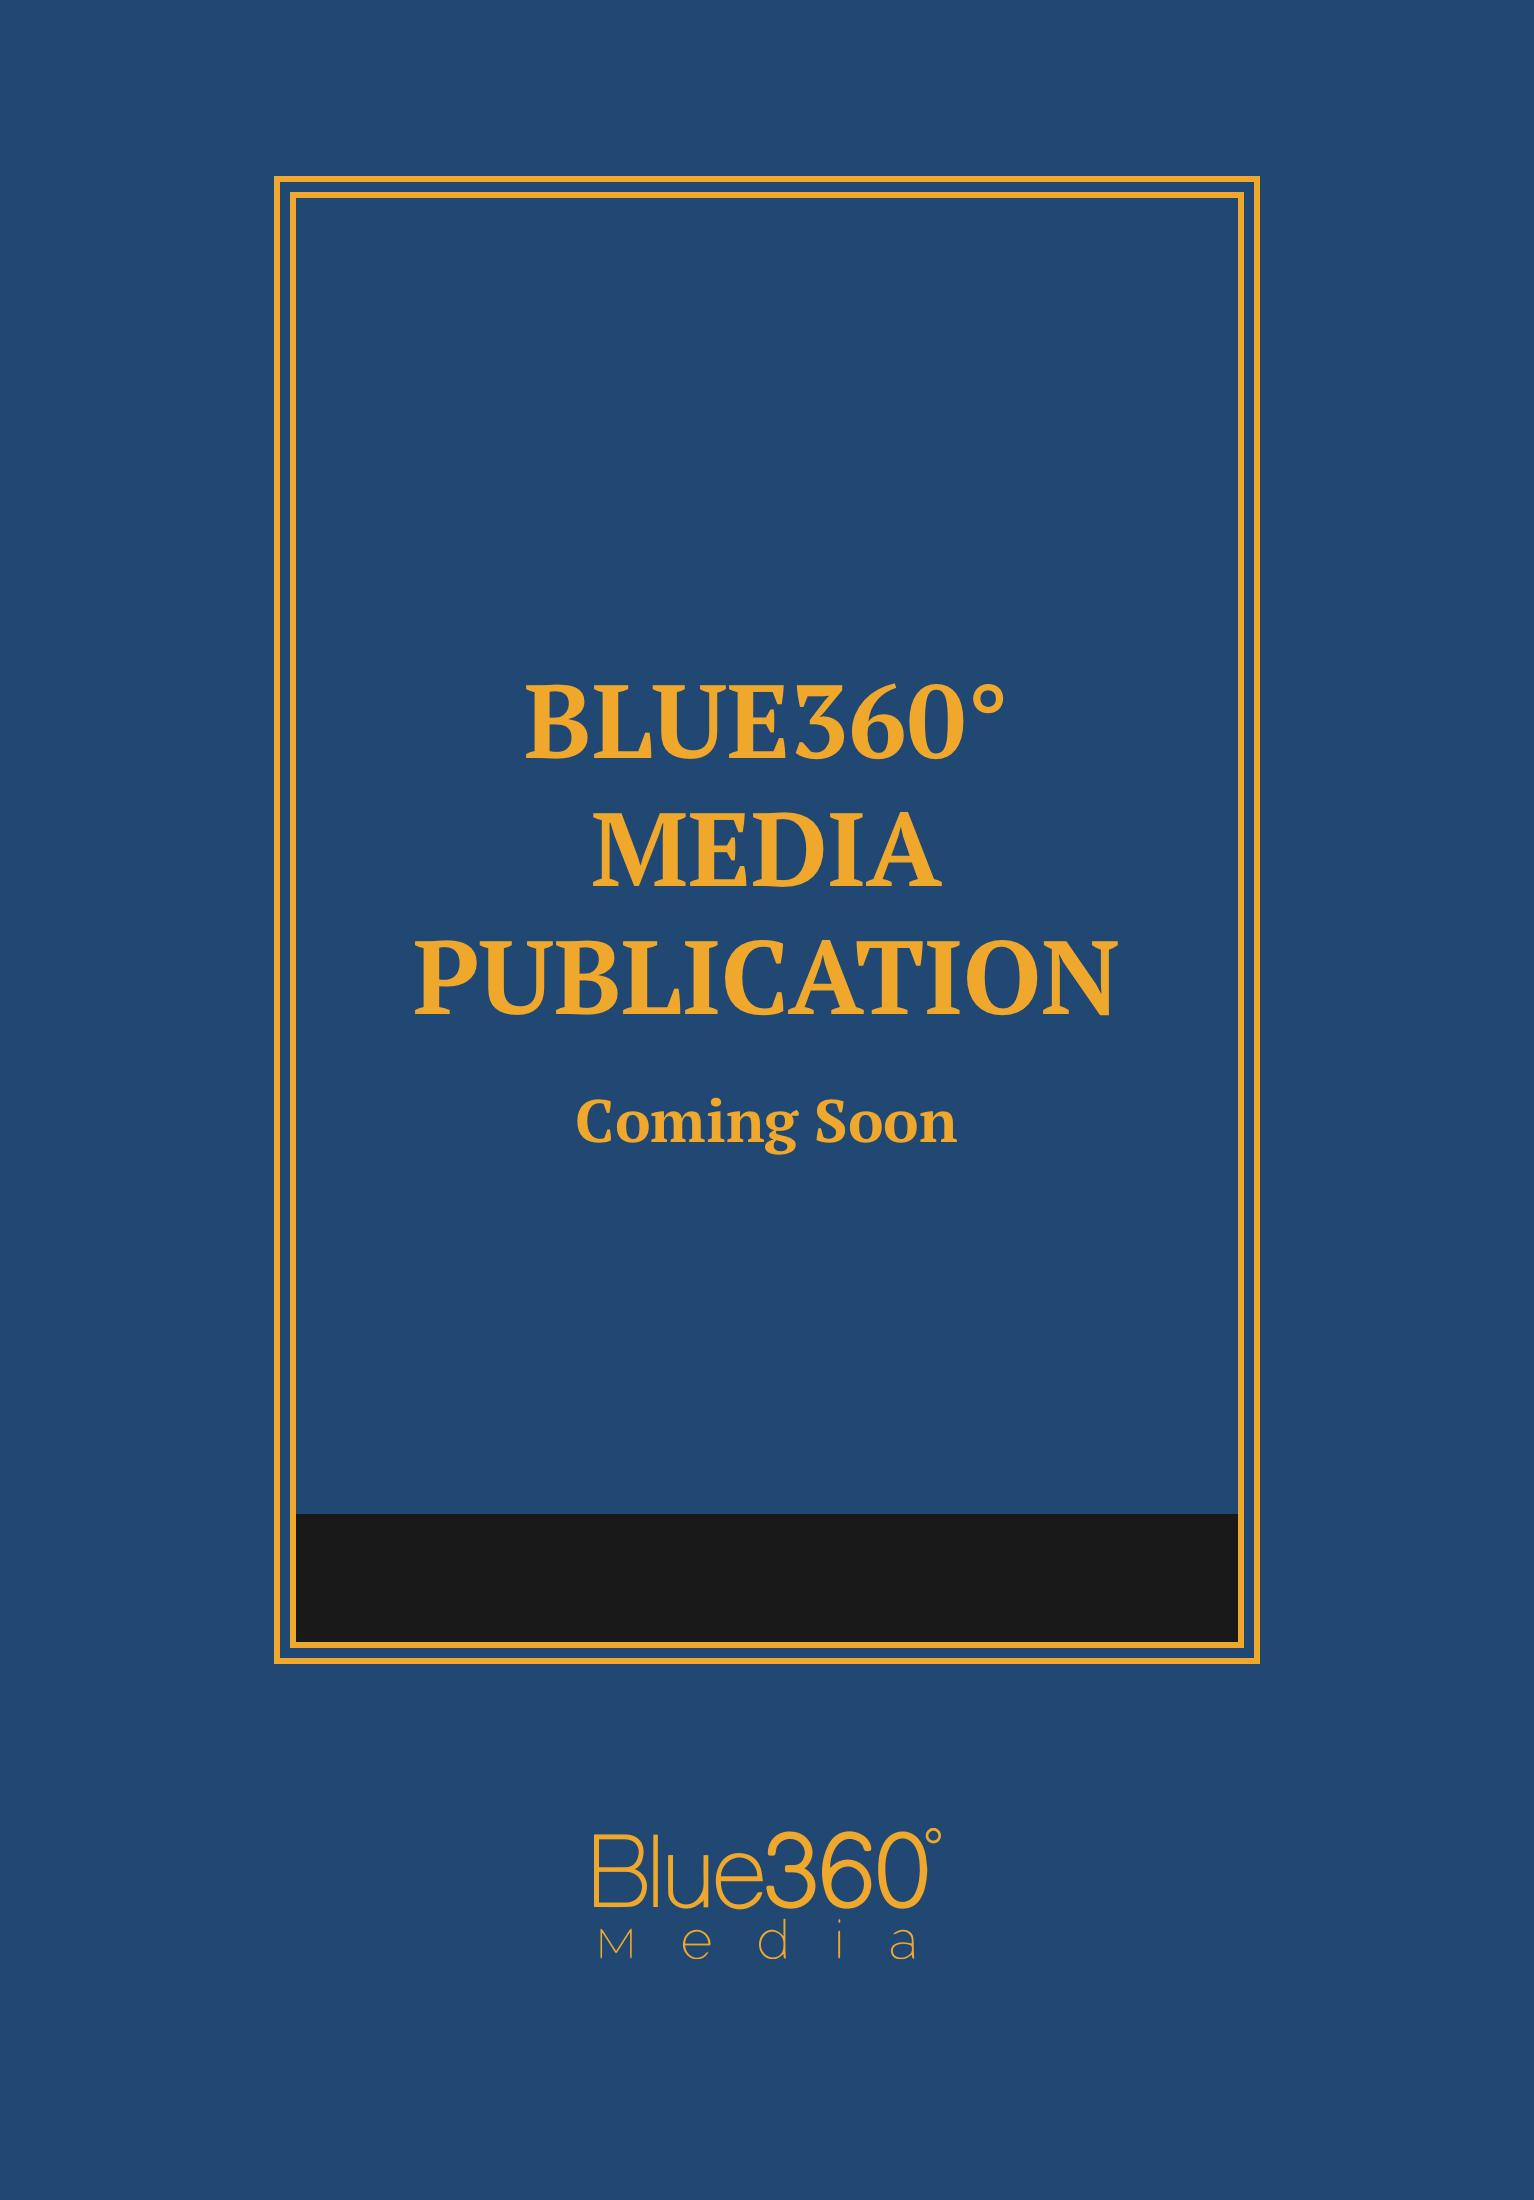 Search & Seizure Survival Guide 2021 Edition - Pre-Order